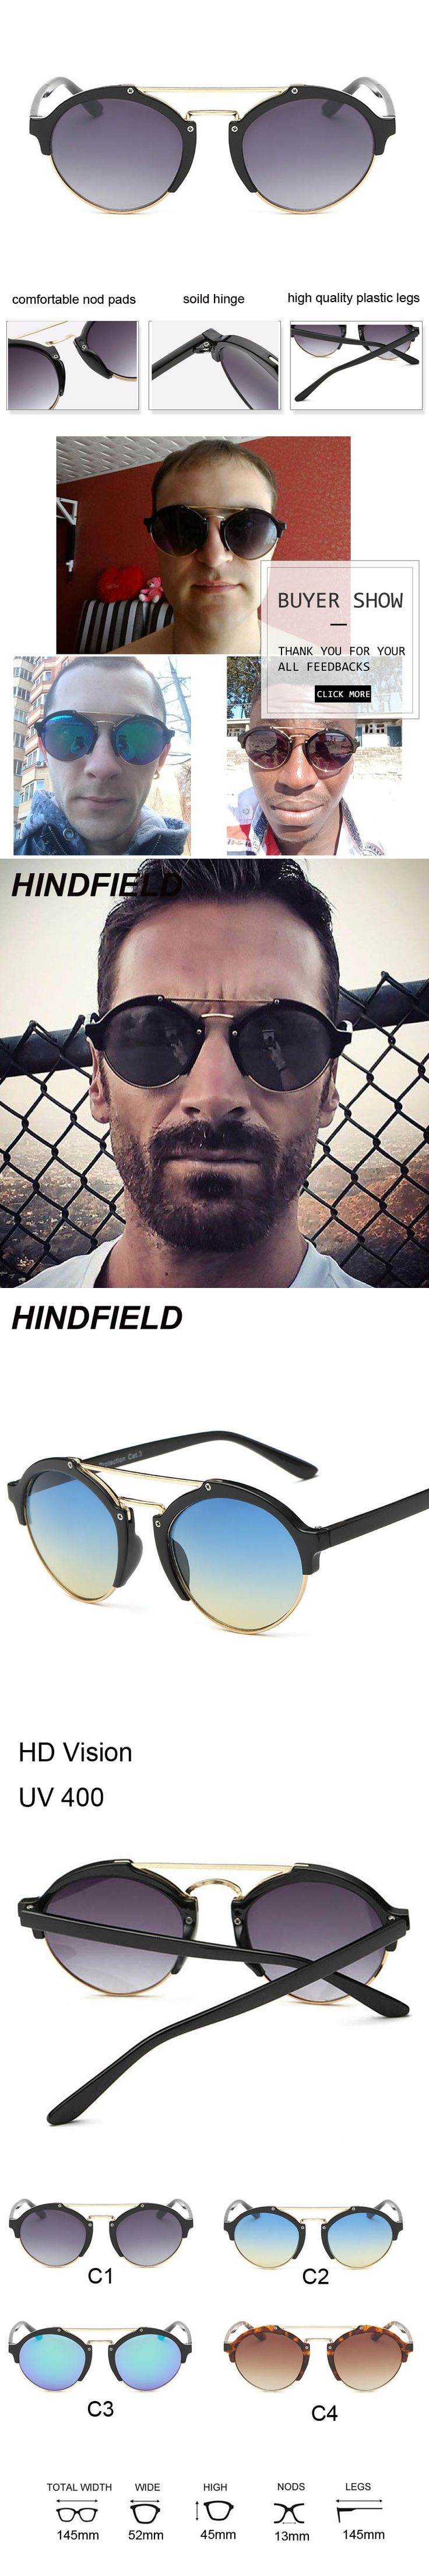 Retro Round Sunglasses Men 2017 Luxury Brand Flat Top Sun Glasses for Women Fashion Designer Mirror Shades Male Oculos Lunettes